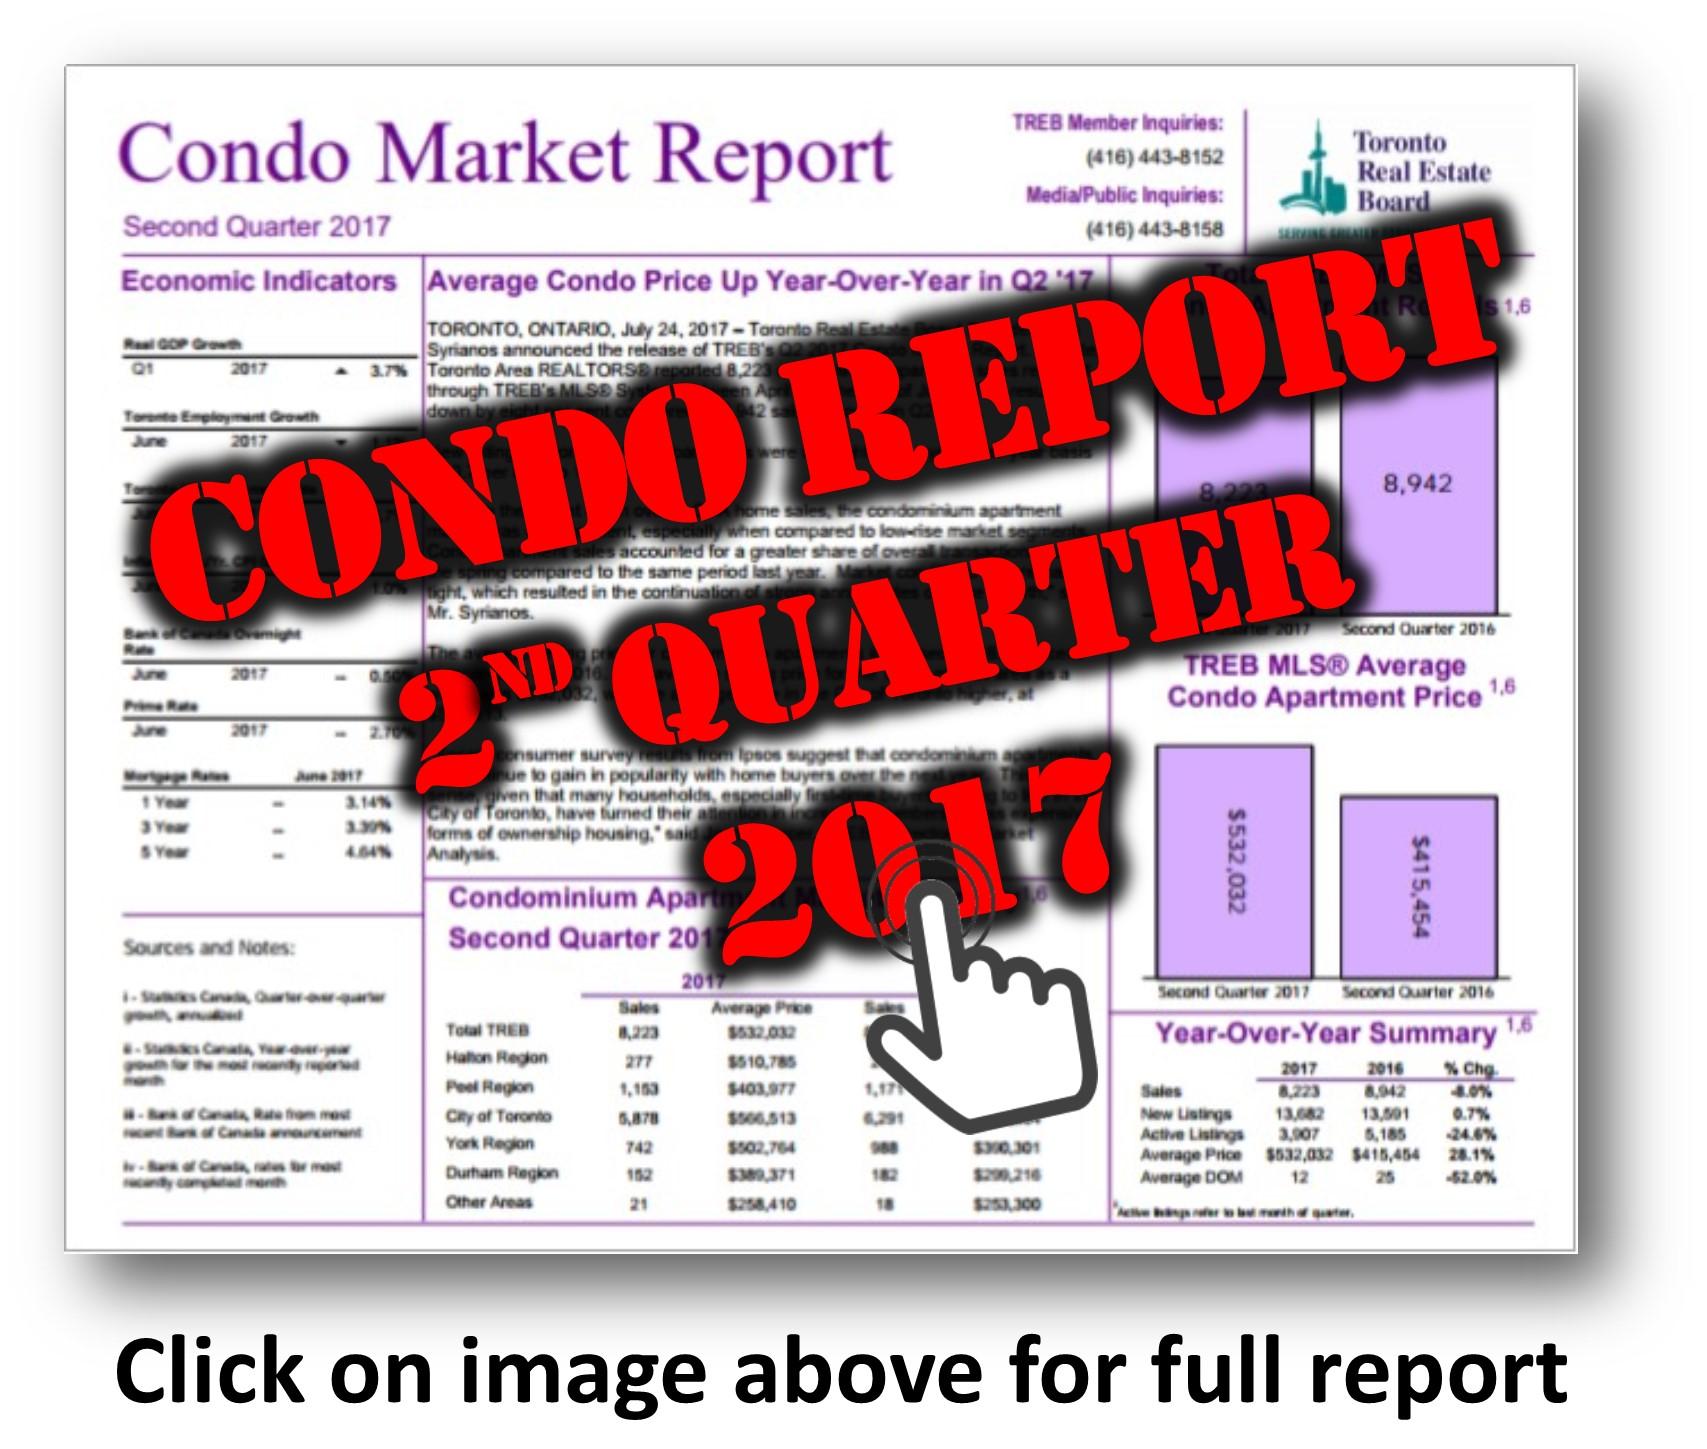 TREB Q2.17 CONDO REPORT FRONT PAGE Jul. 2017.jpg